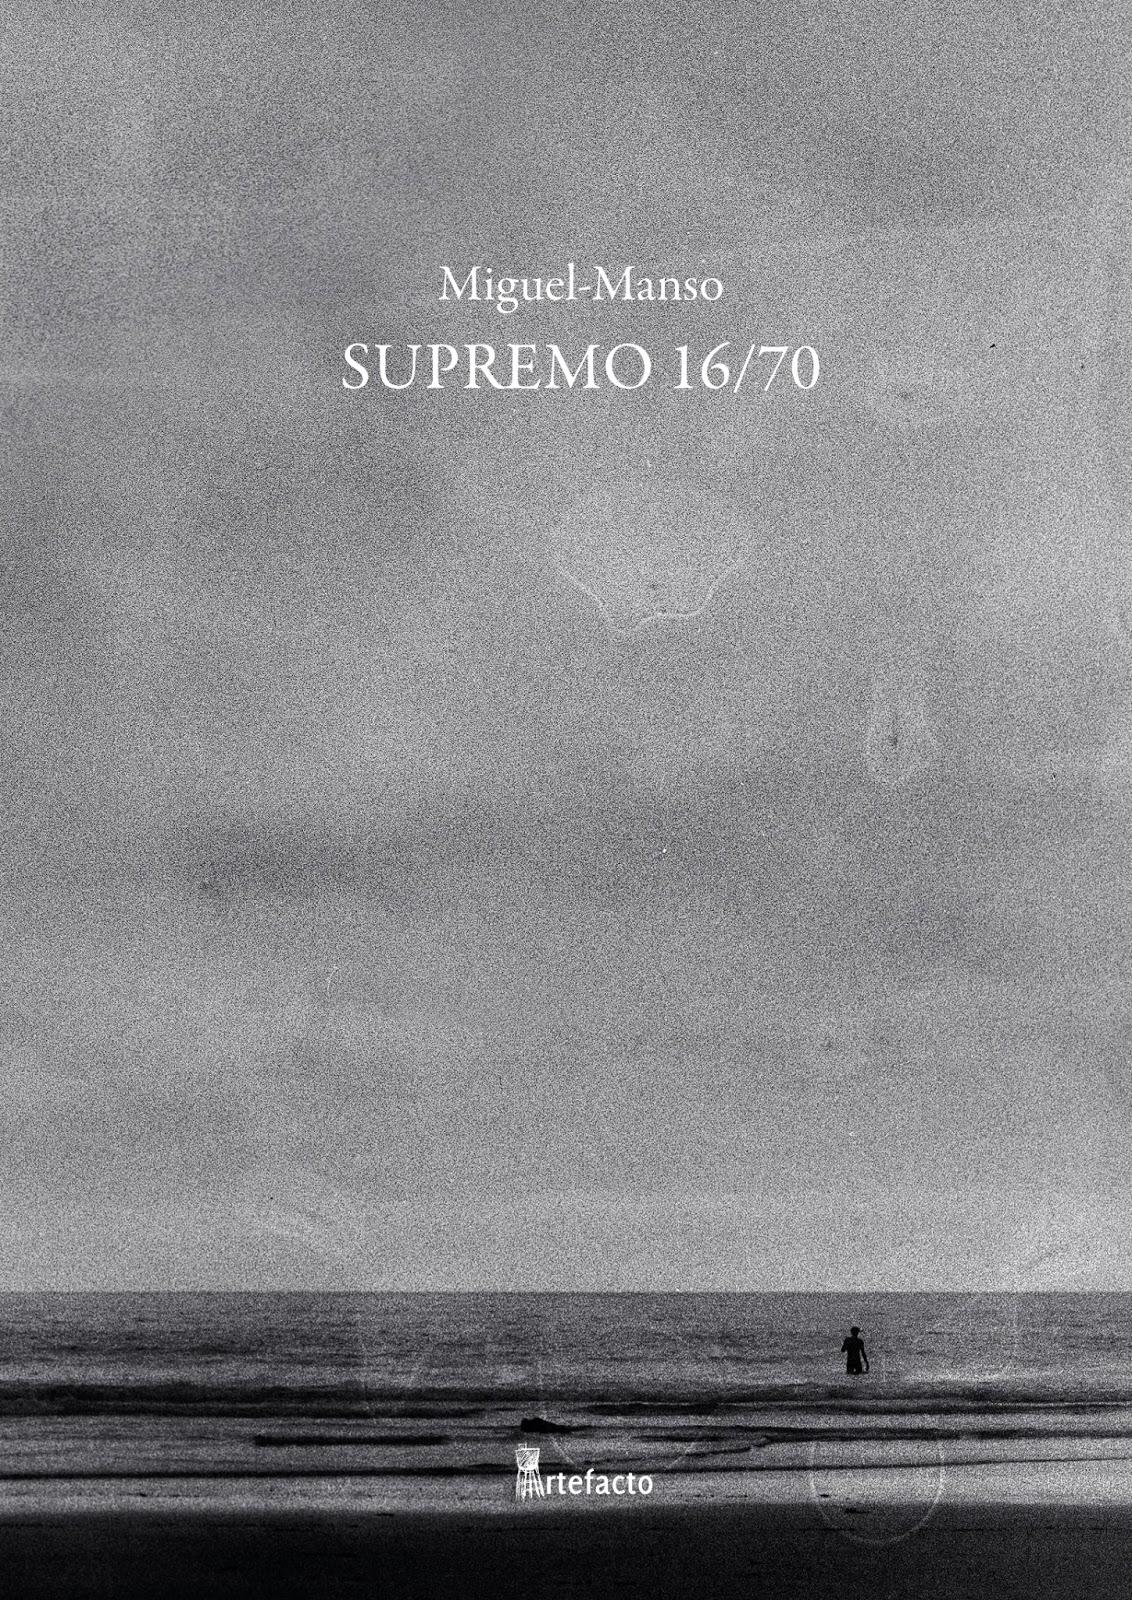 Supremo 16/70